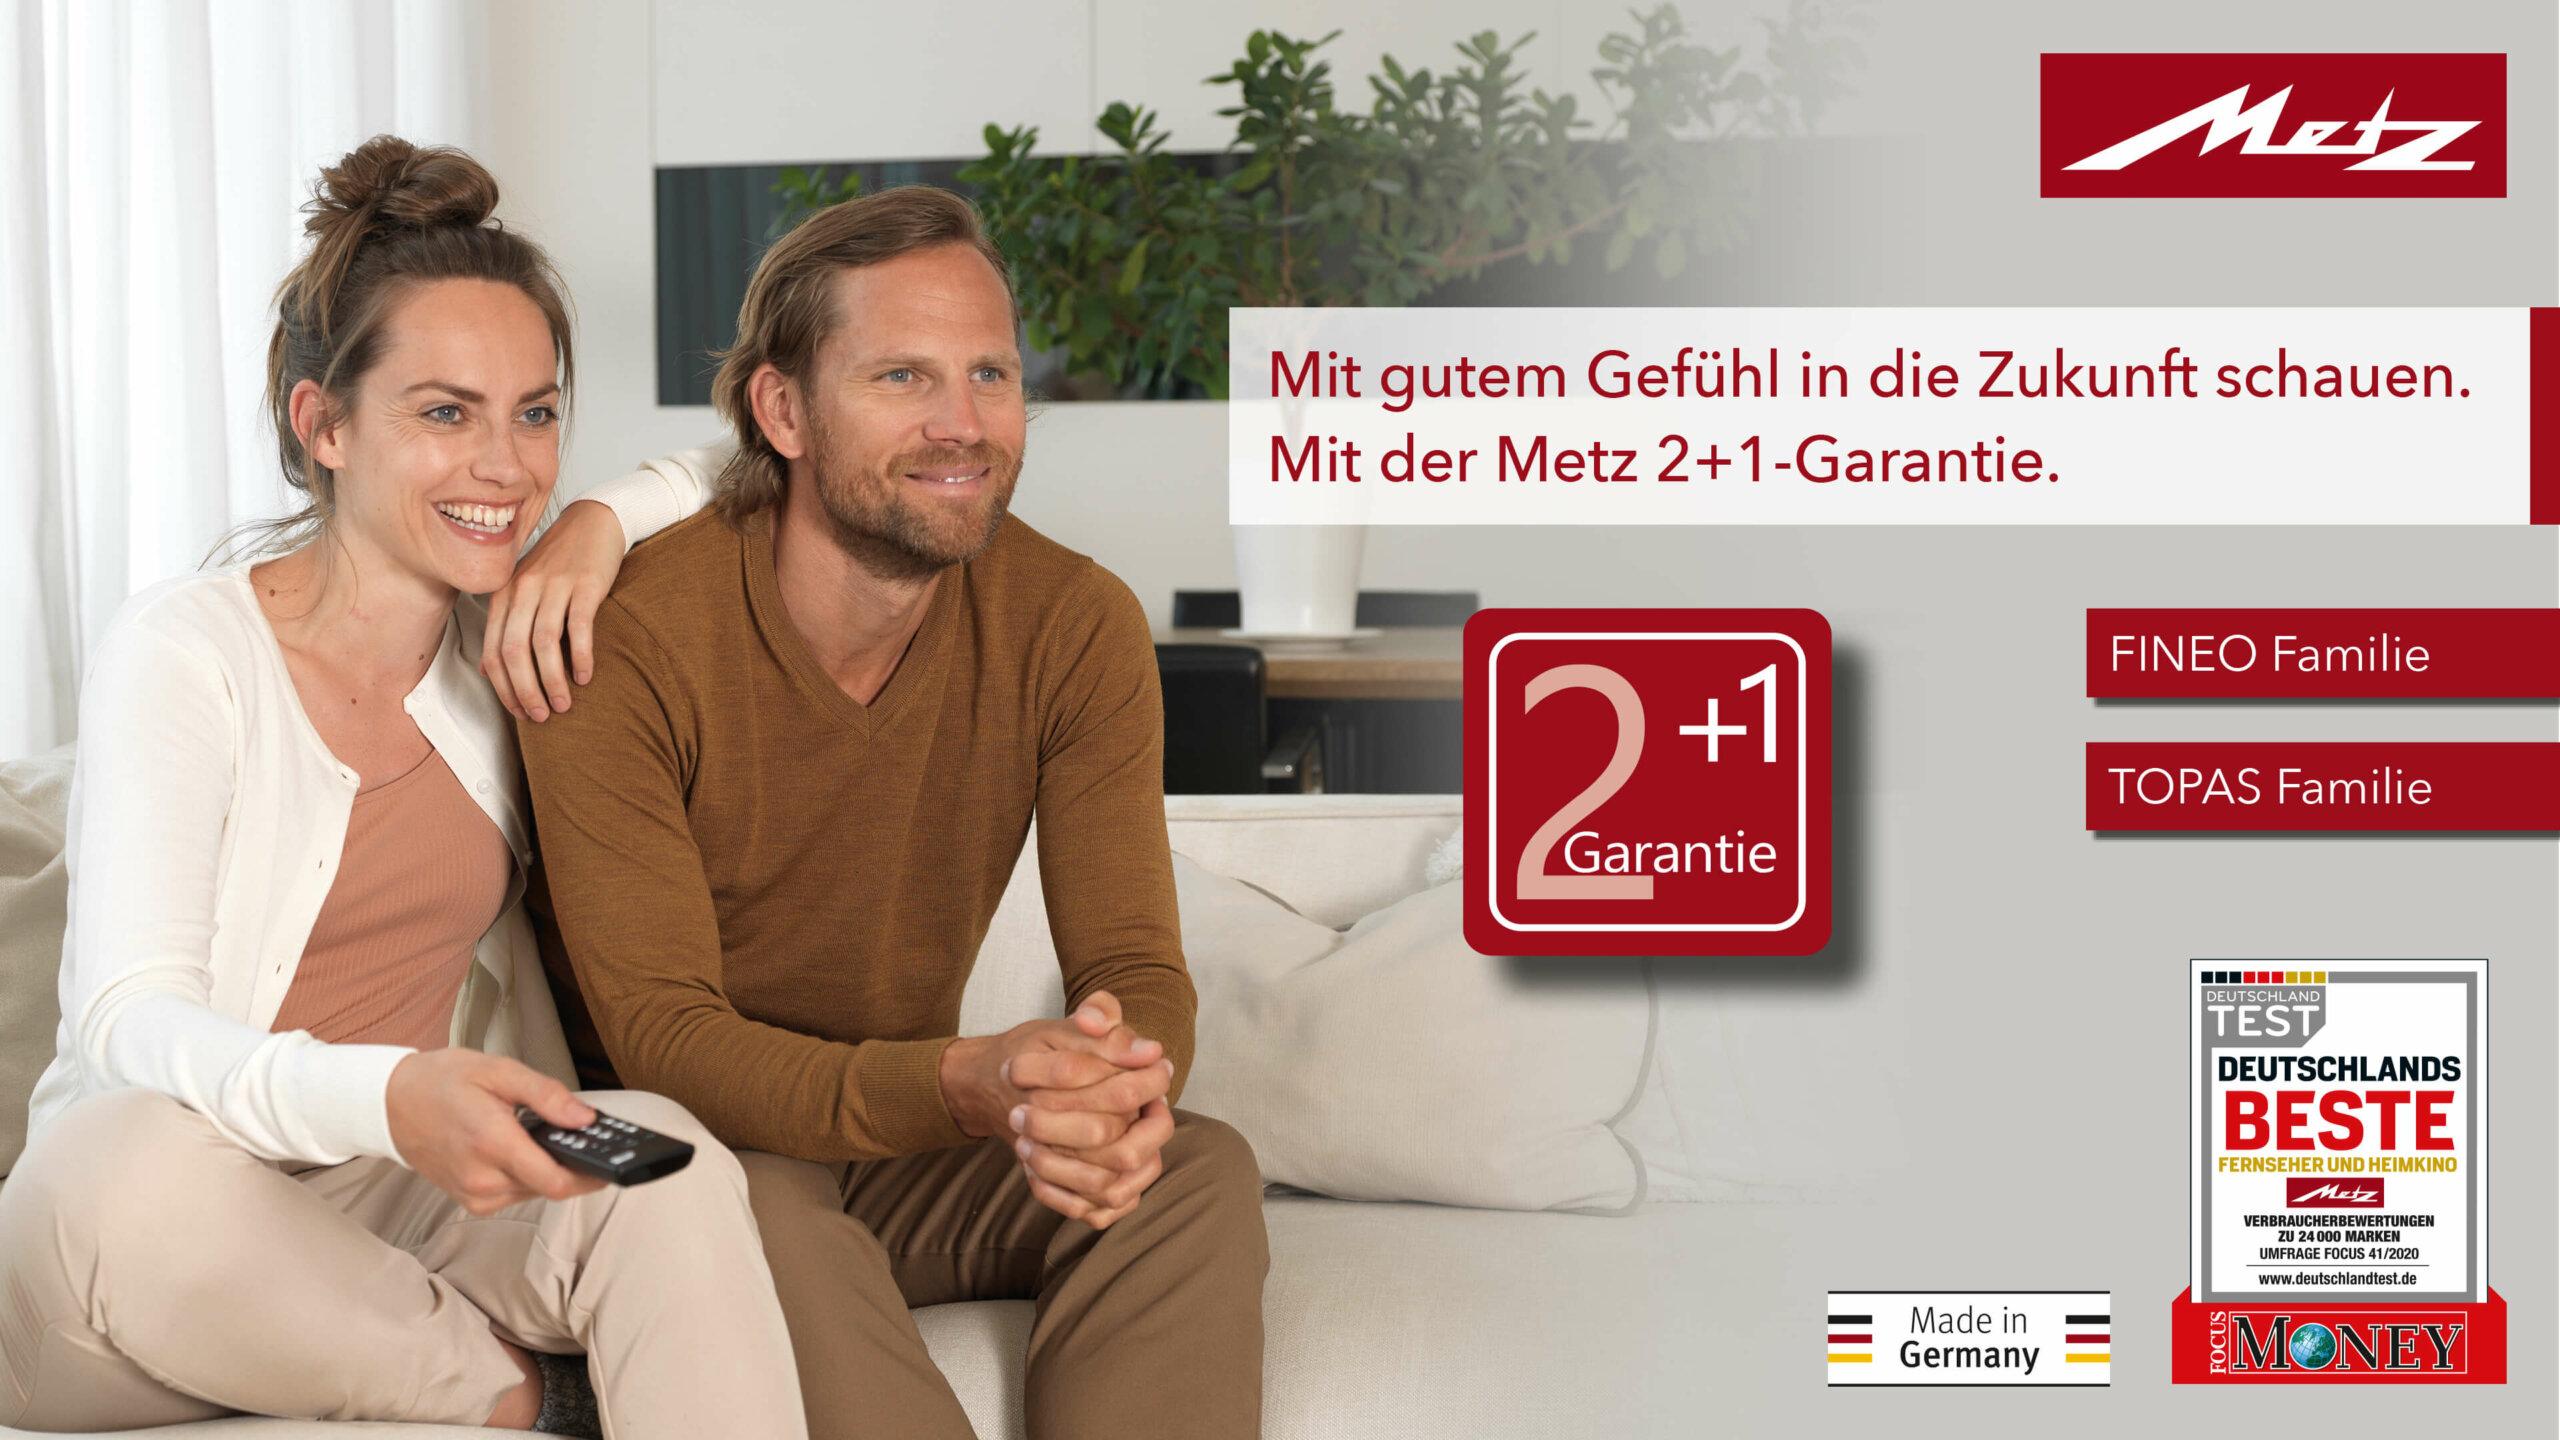 Metz Fineo und Topas - 3 Jahre Garantie